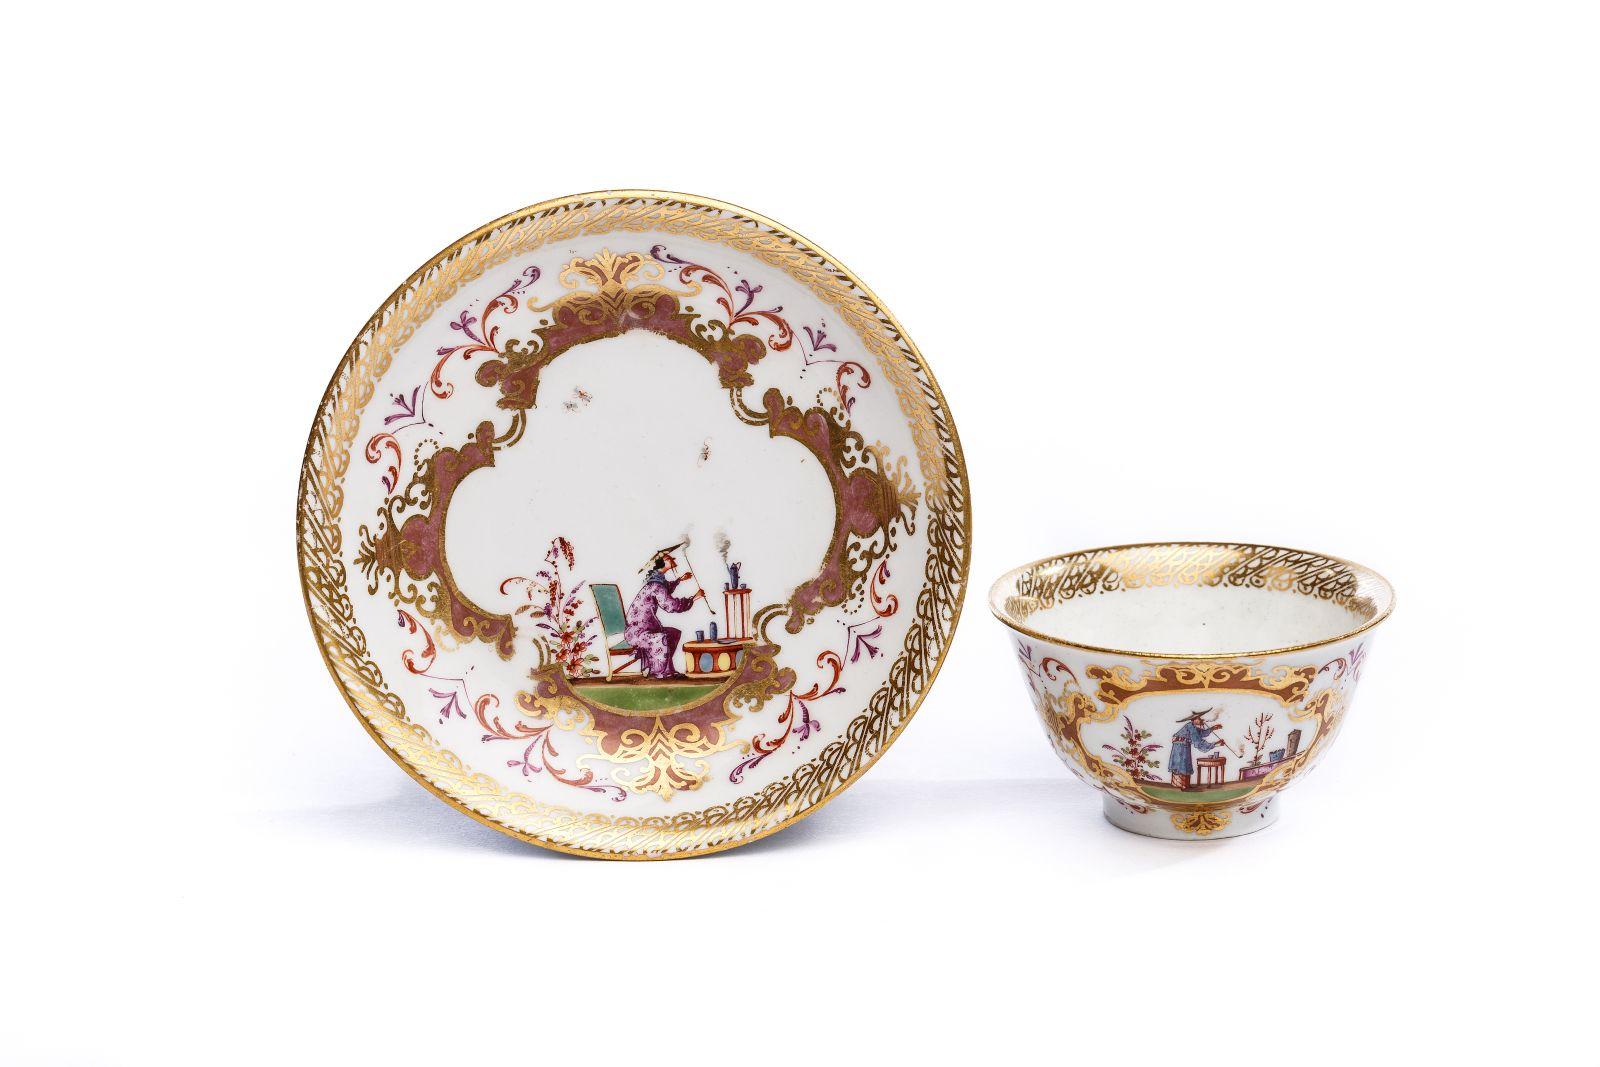 #163 Bowl with Saucer, Meissen 1723/25 | Koppchen mit Unterschale, Meissen 1723/25 Image